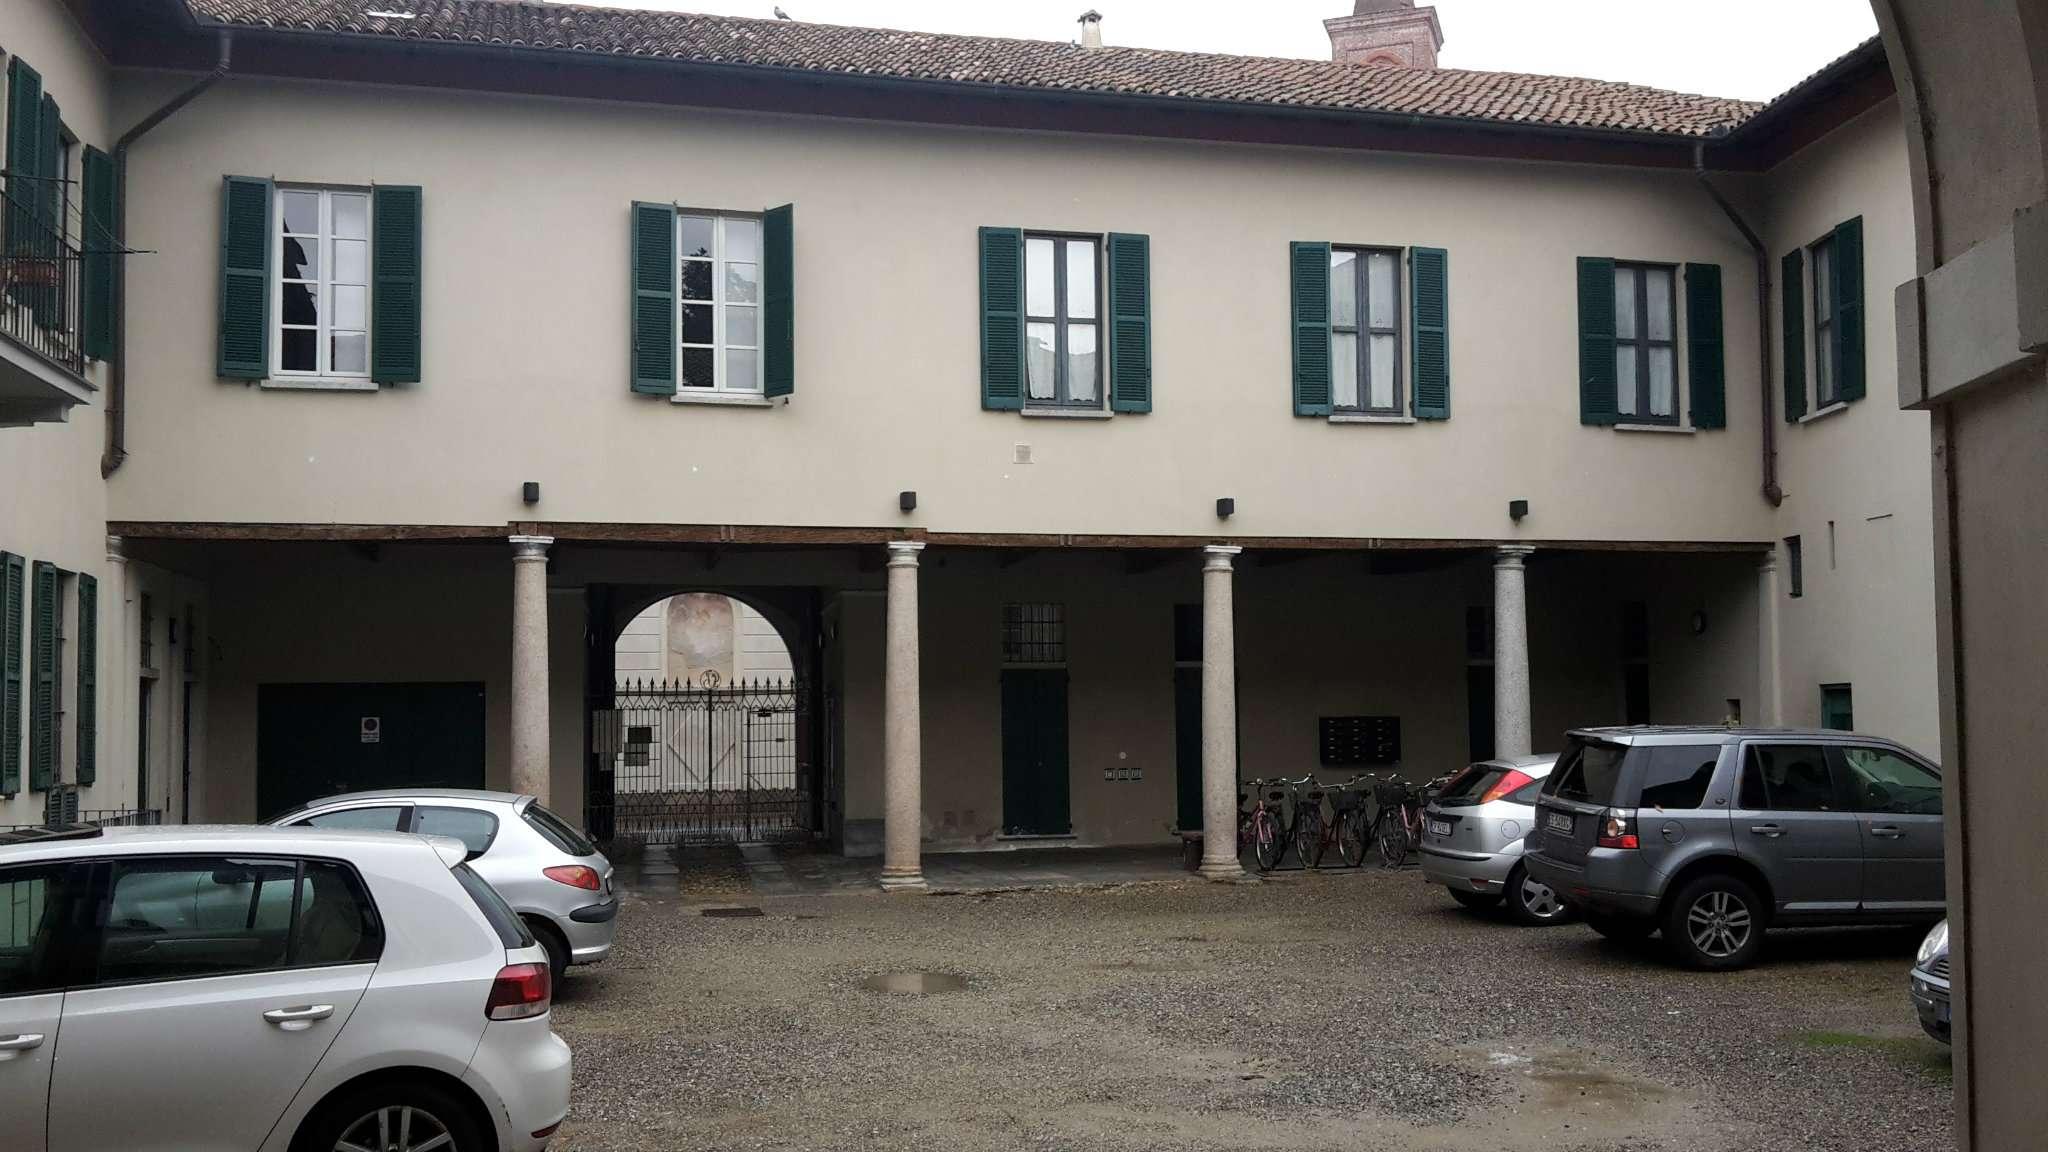 Ufficio / Studio in affitto a Abbiategrasso, 6 locali, prezzo € 1.200 | Cambio Casa.it